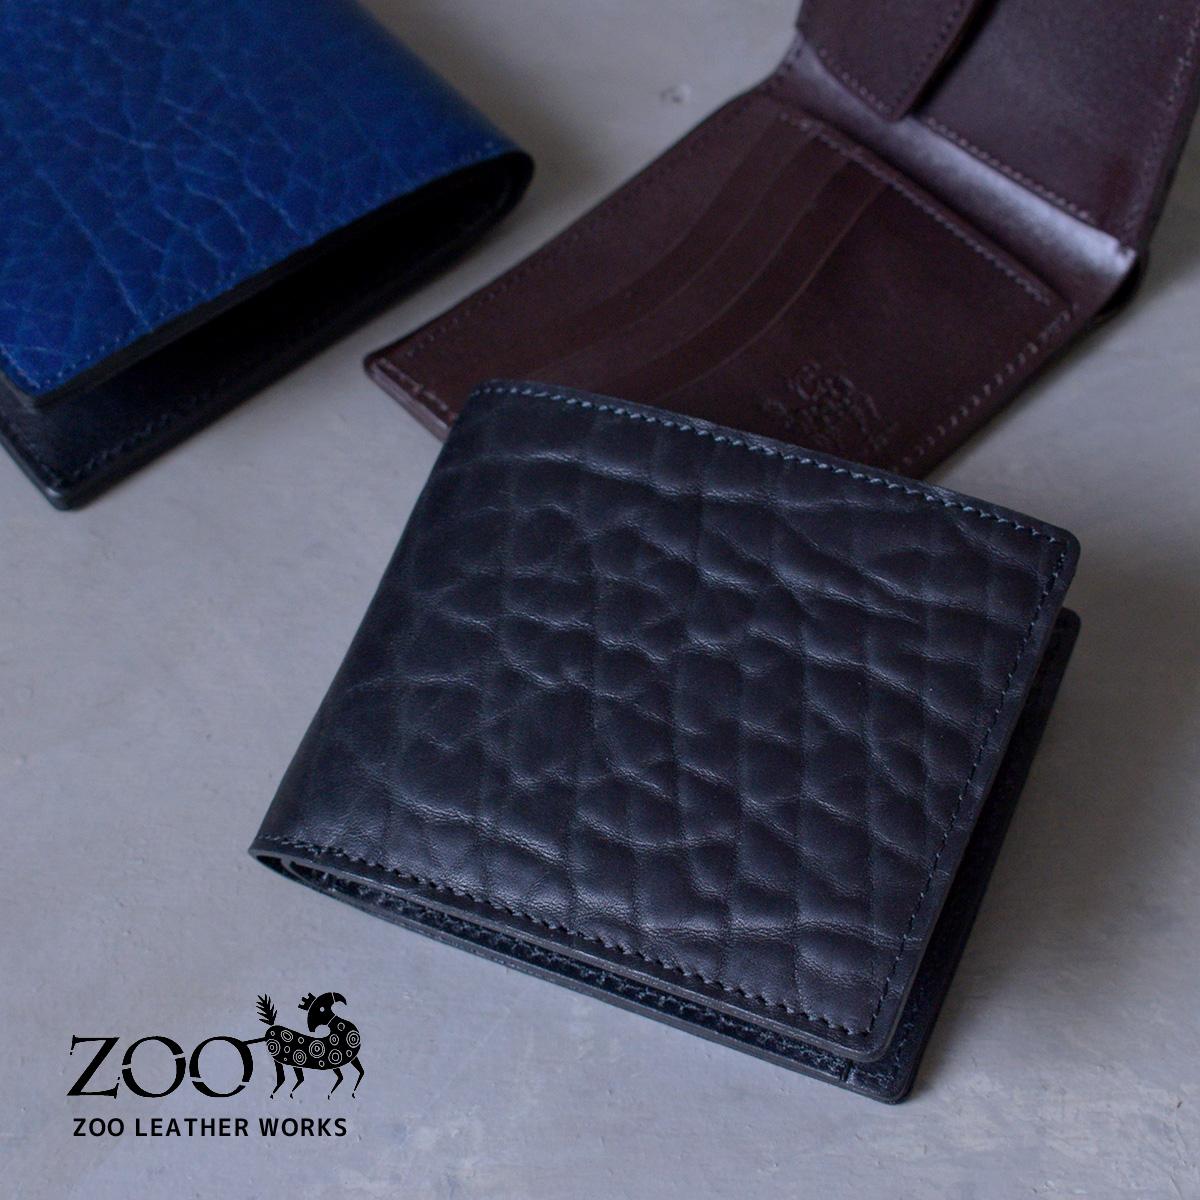 【メッセージカード・ラッピング無料】ZOO(ズー) ブルハイドレザー 牛革 メンズ 二つ折り財布 2折財布 zbf-015